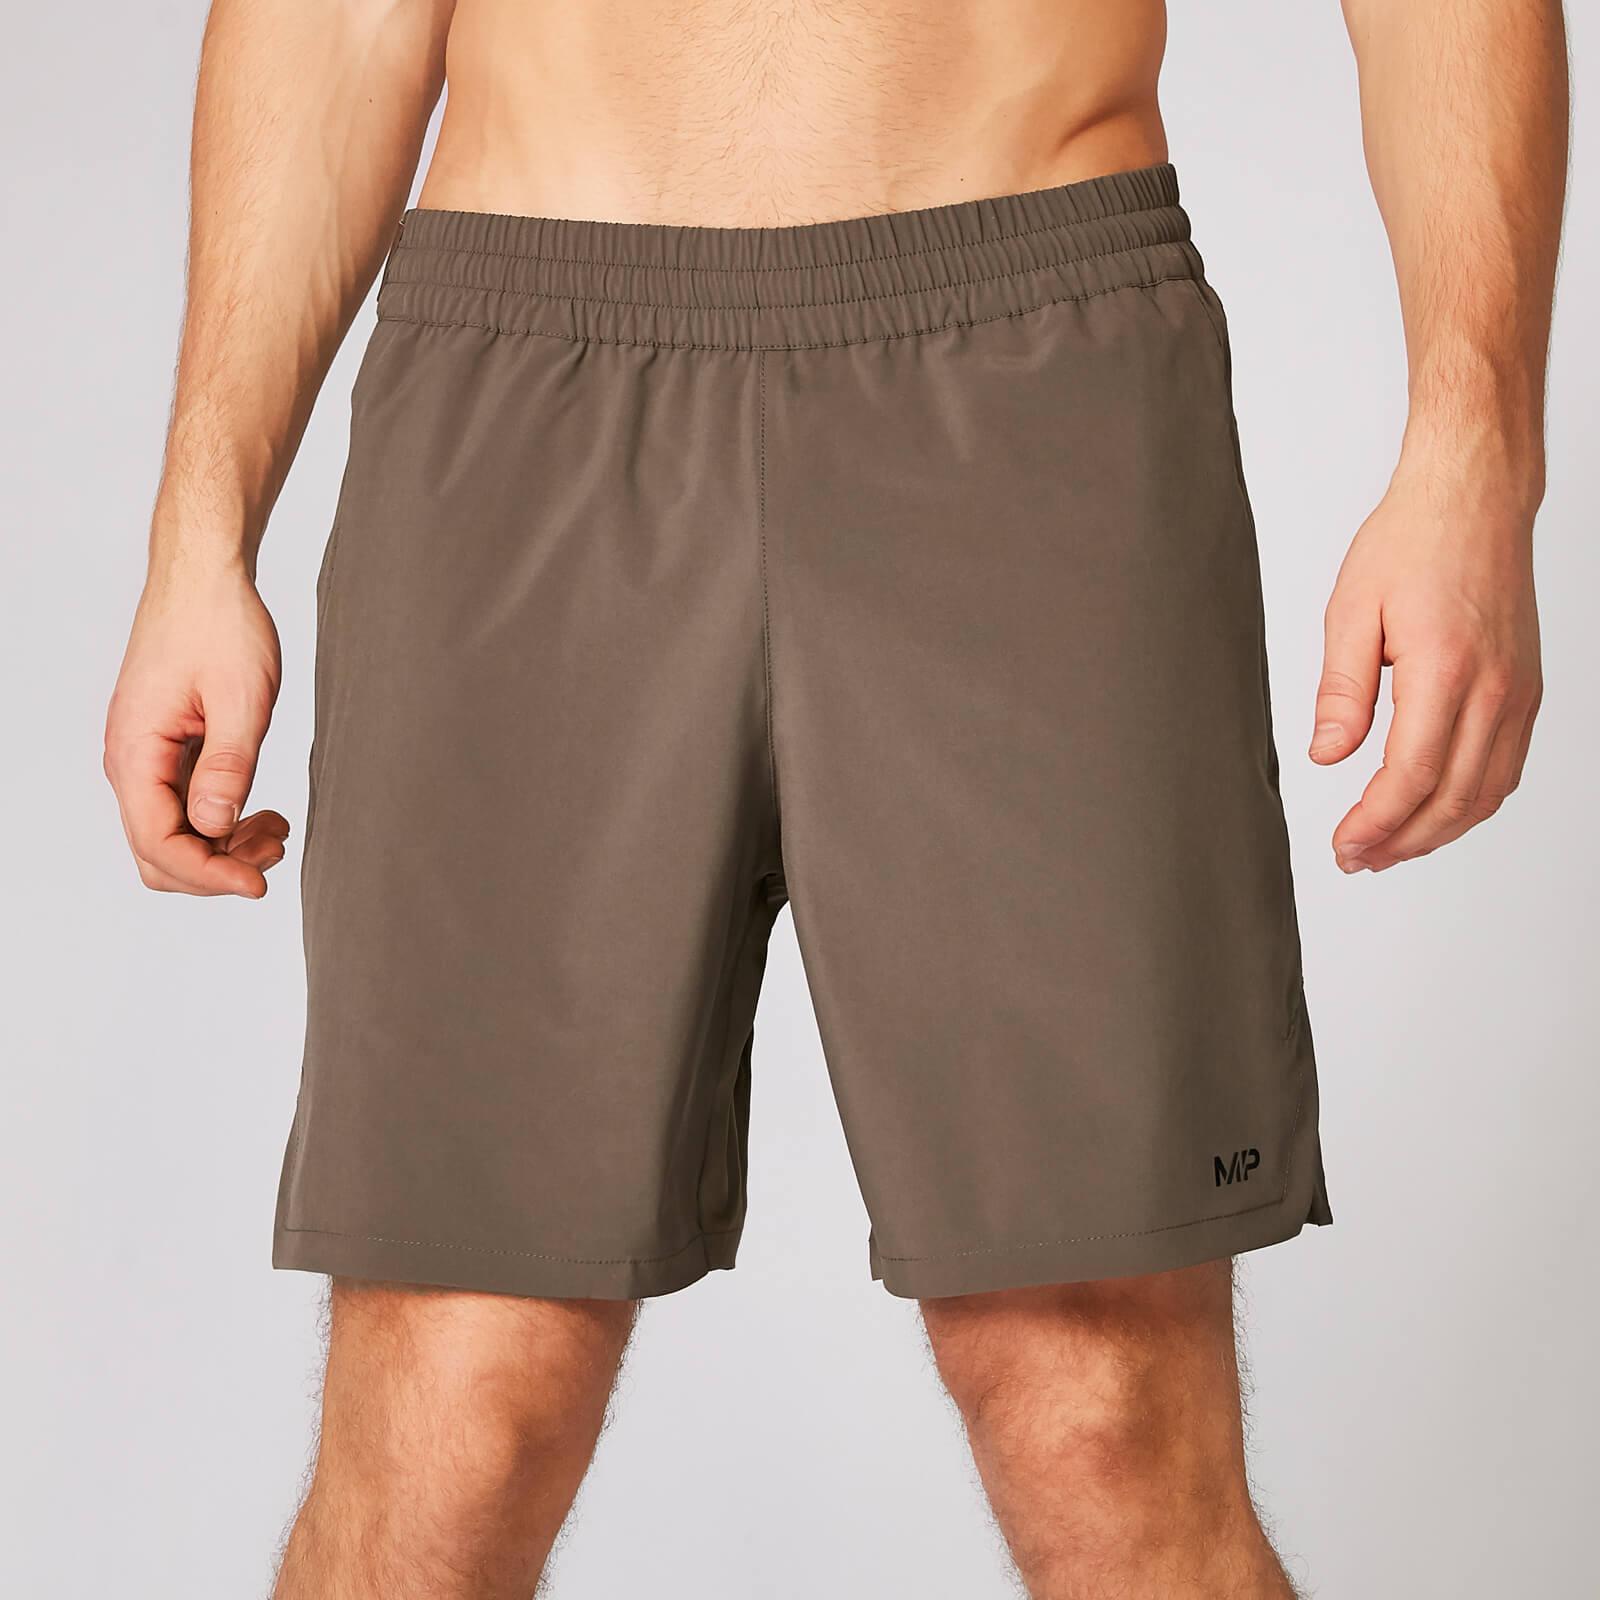 Myprotein Sprint 7 Inch Shorts - Driftwood - M